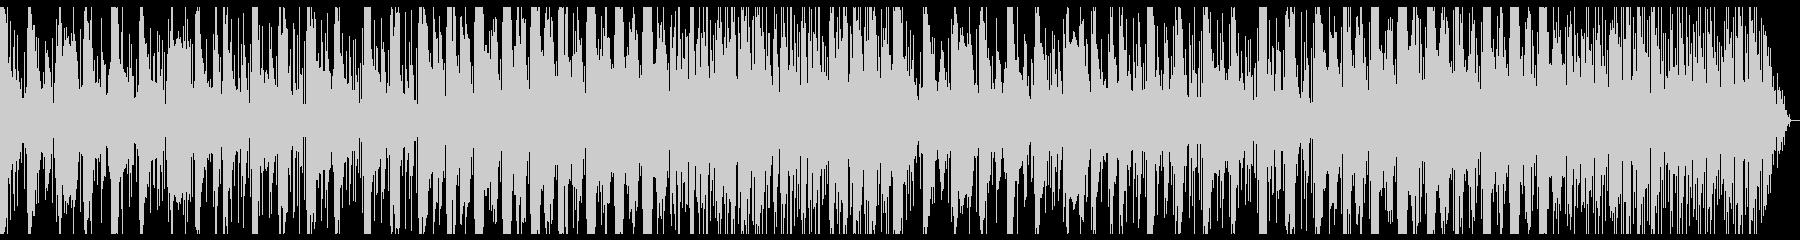 純和風な琴+エレクトロニカの未再生の波形